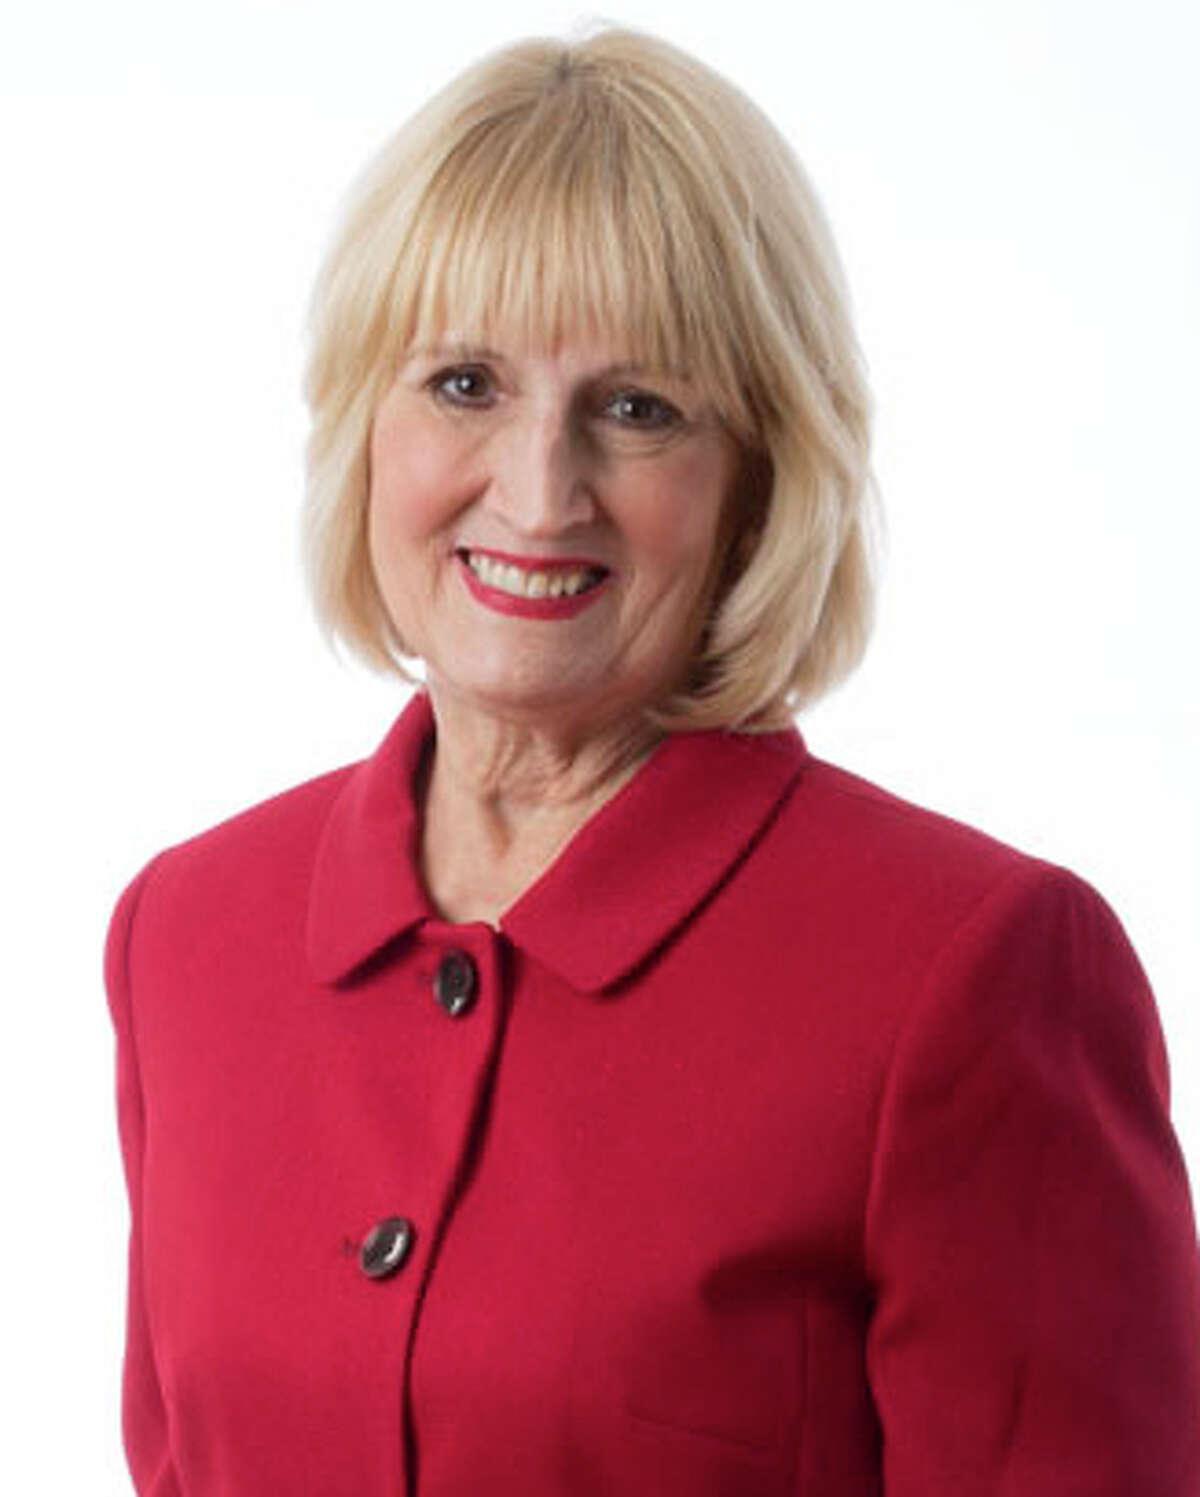 Deborah Snyder Portman